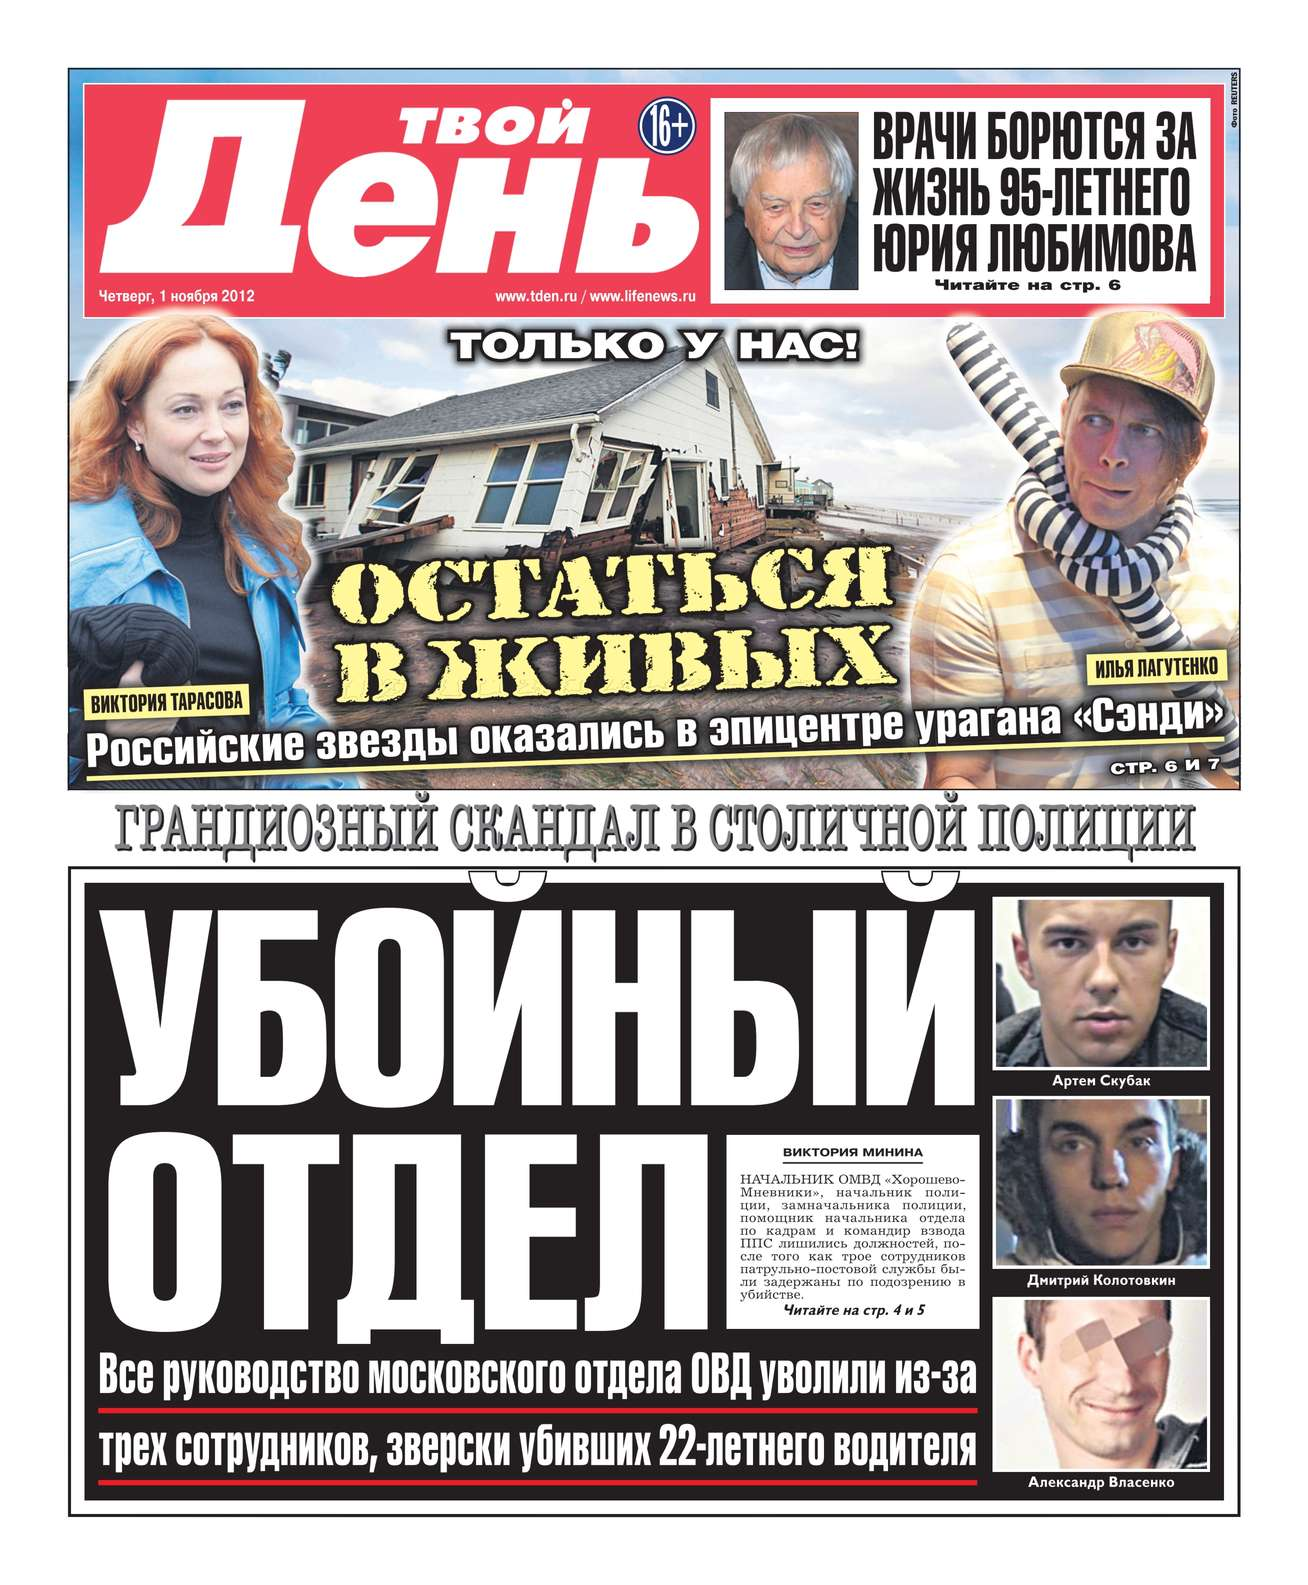 Редакция газеты Твой день Твой день 245-11-2012 редакция газеты твой день твой день 112